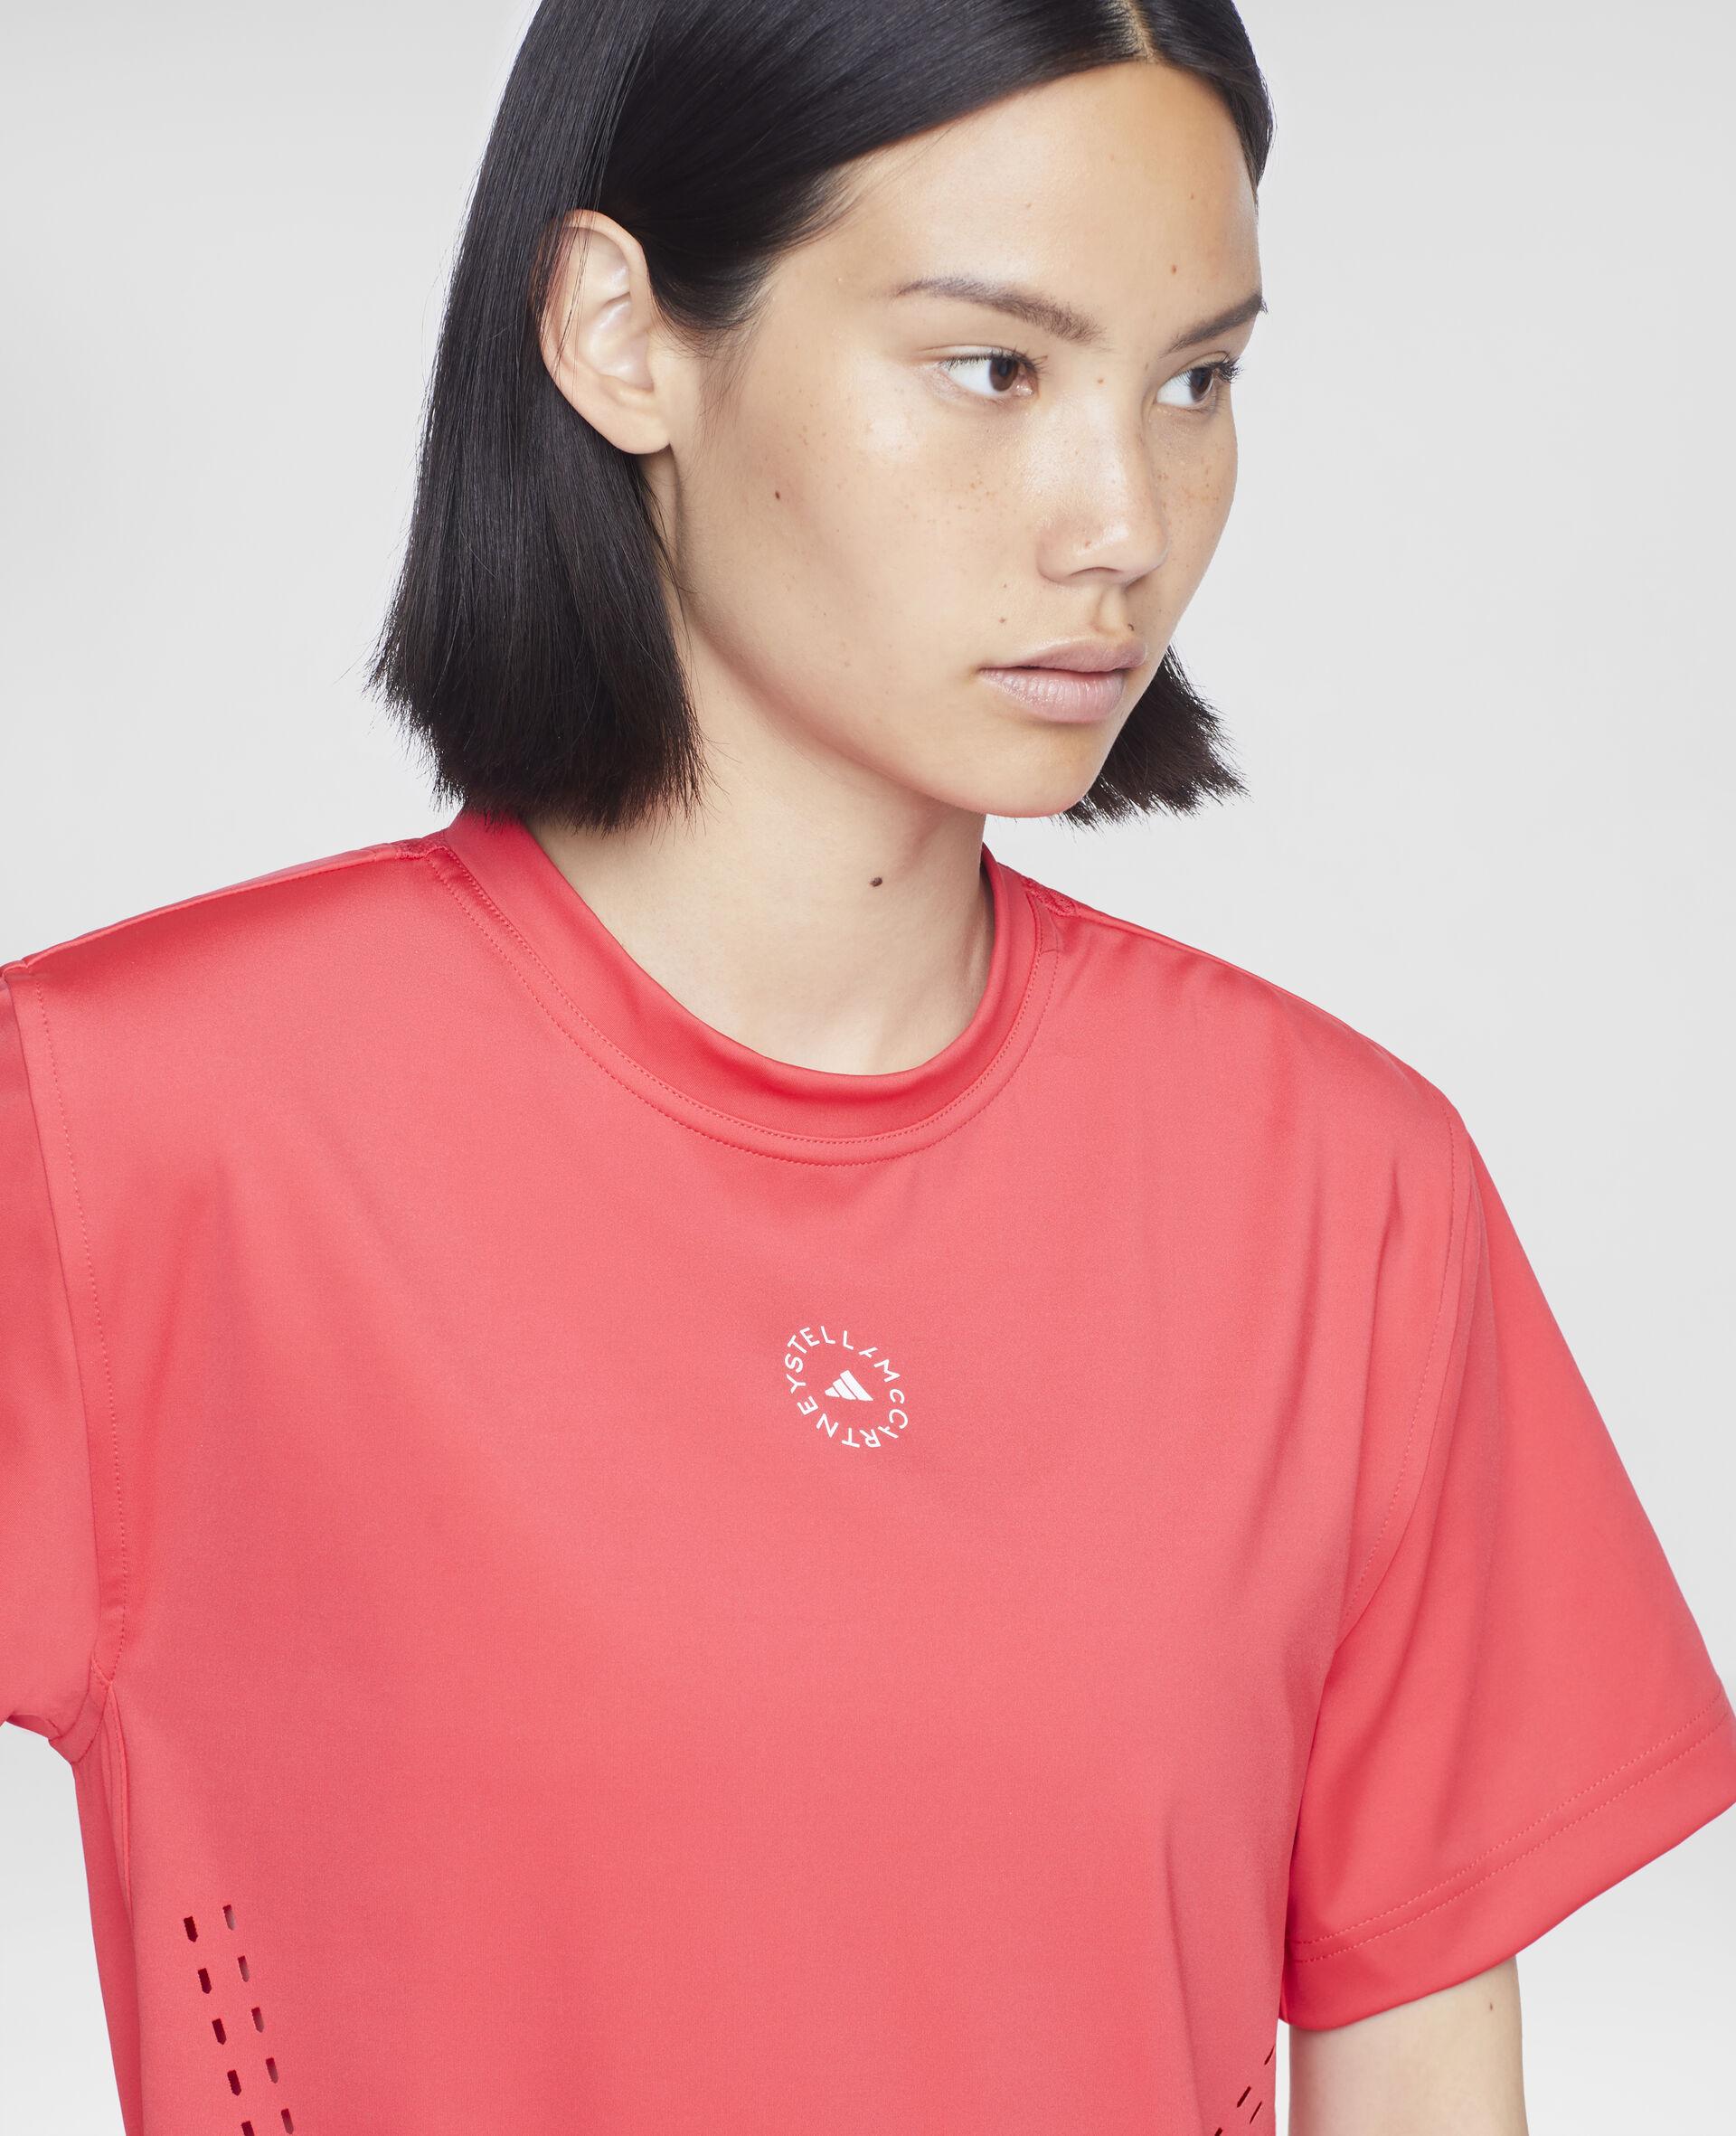 Pink Training T-shirt-Pink-large image number 3